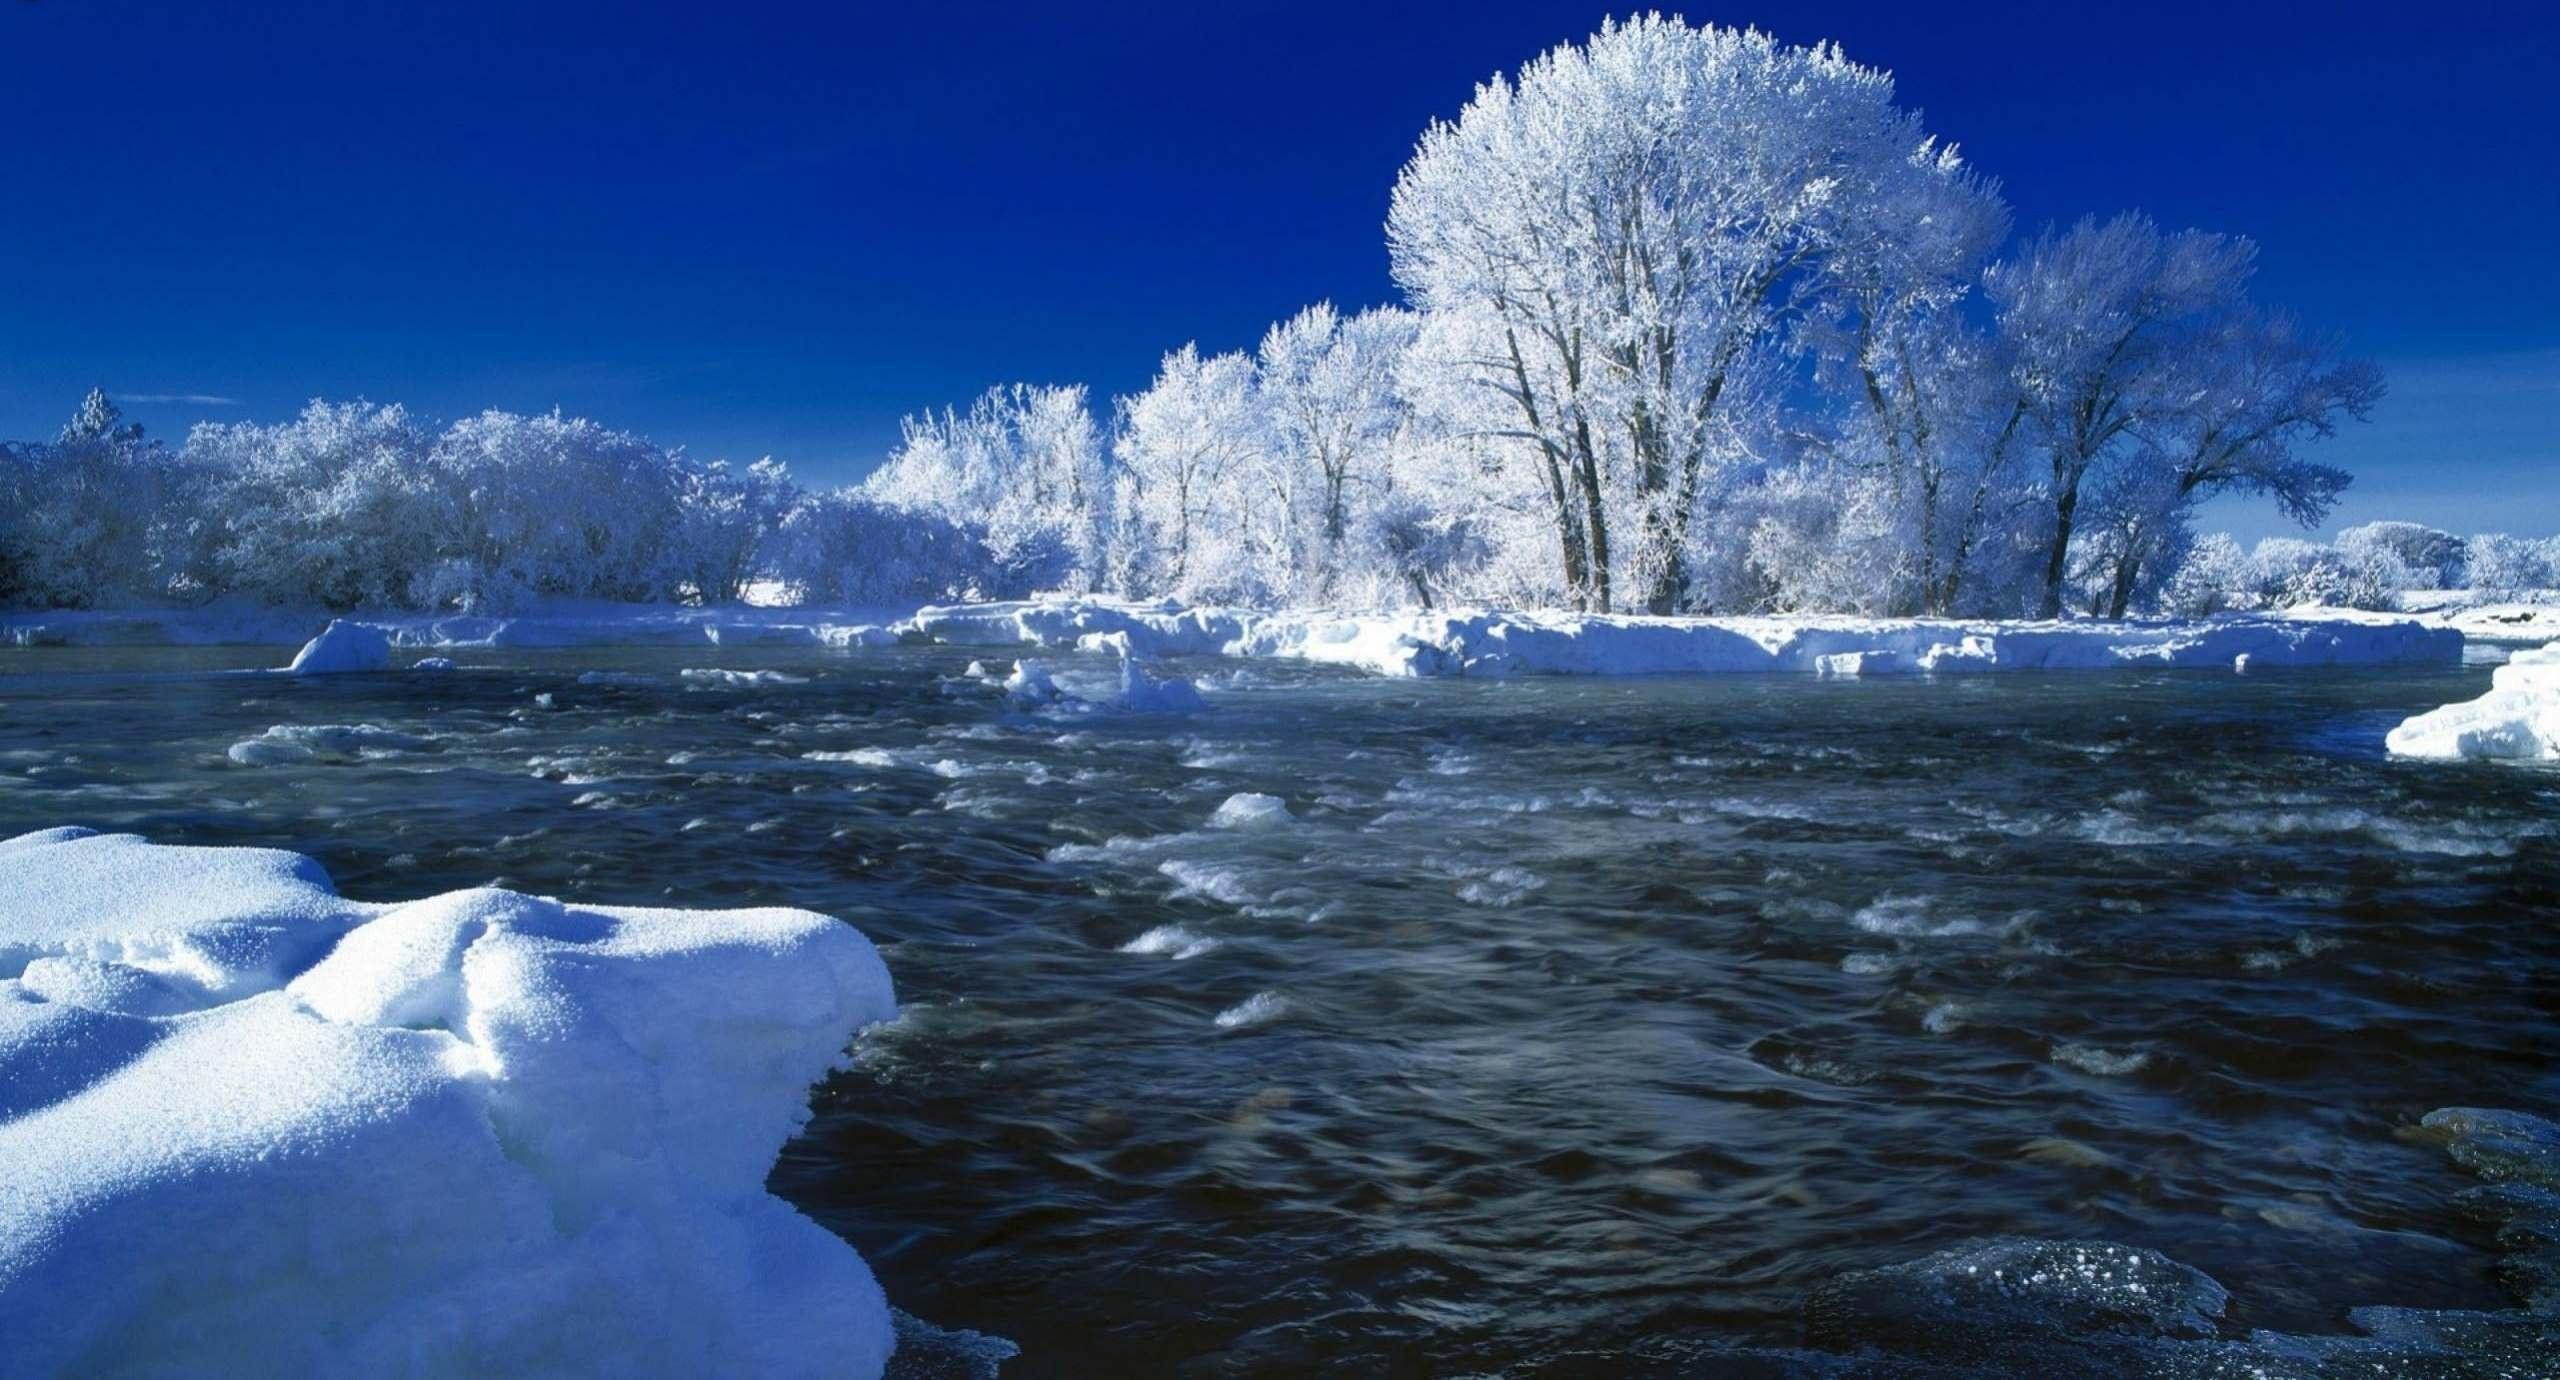 актуальными картинки на рабочий стол красота зима большие снимаю как